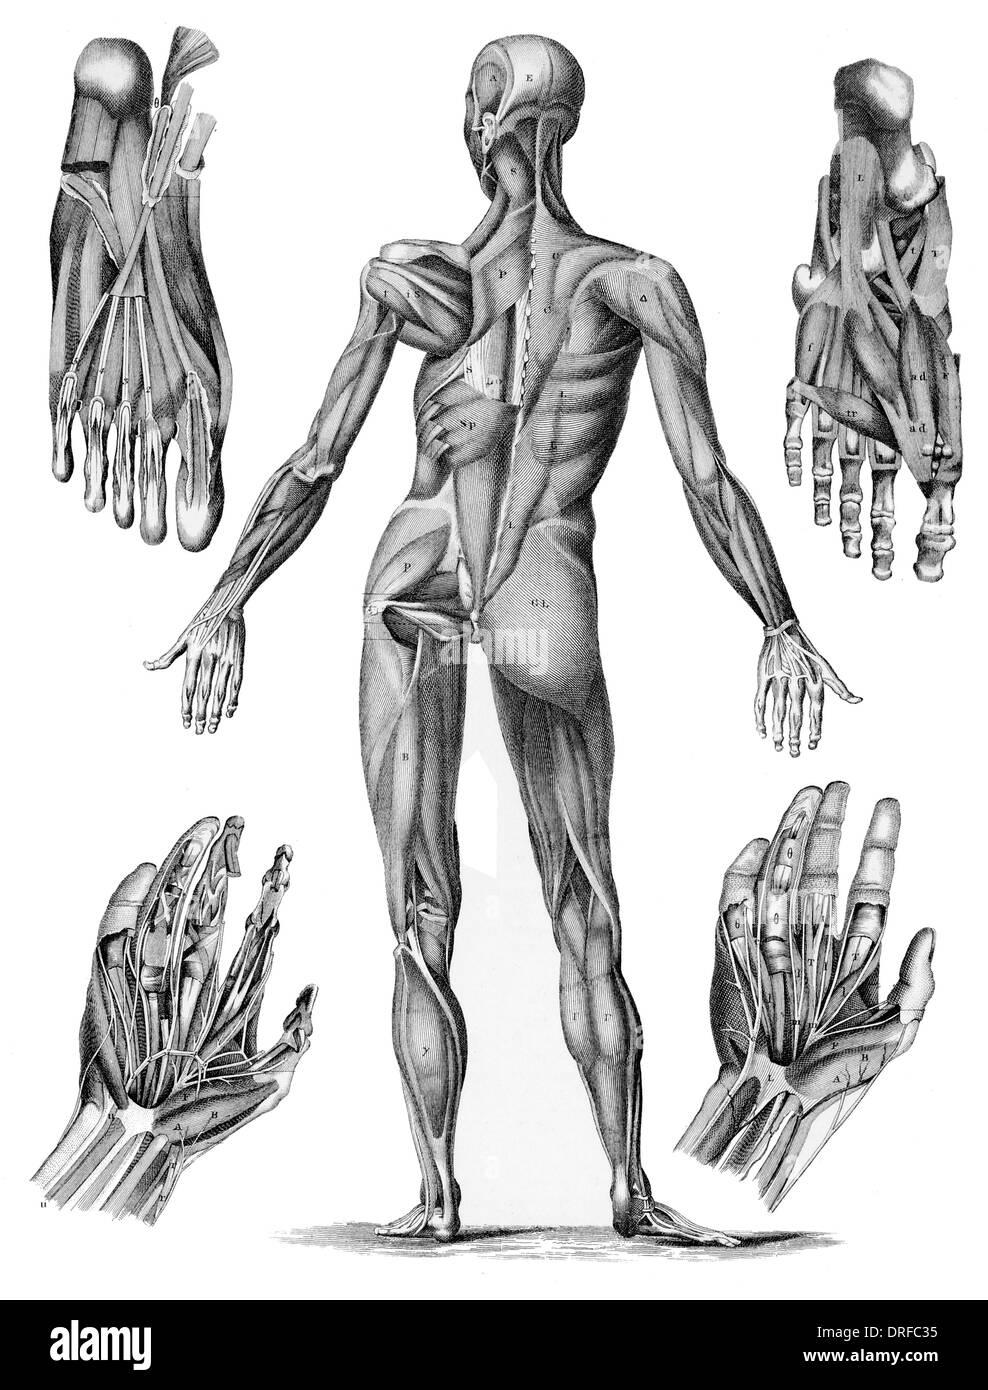 Berühmt Torso Muskelanatomie Zeitgenössisch - Anatomie Ideen ...